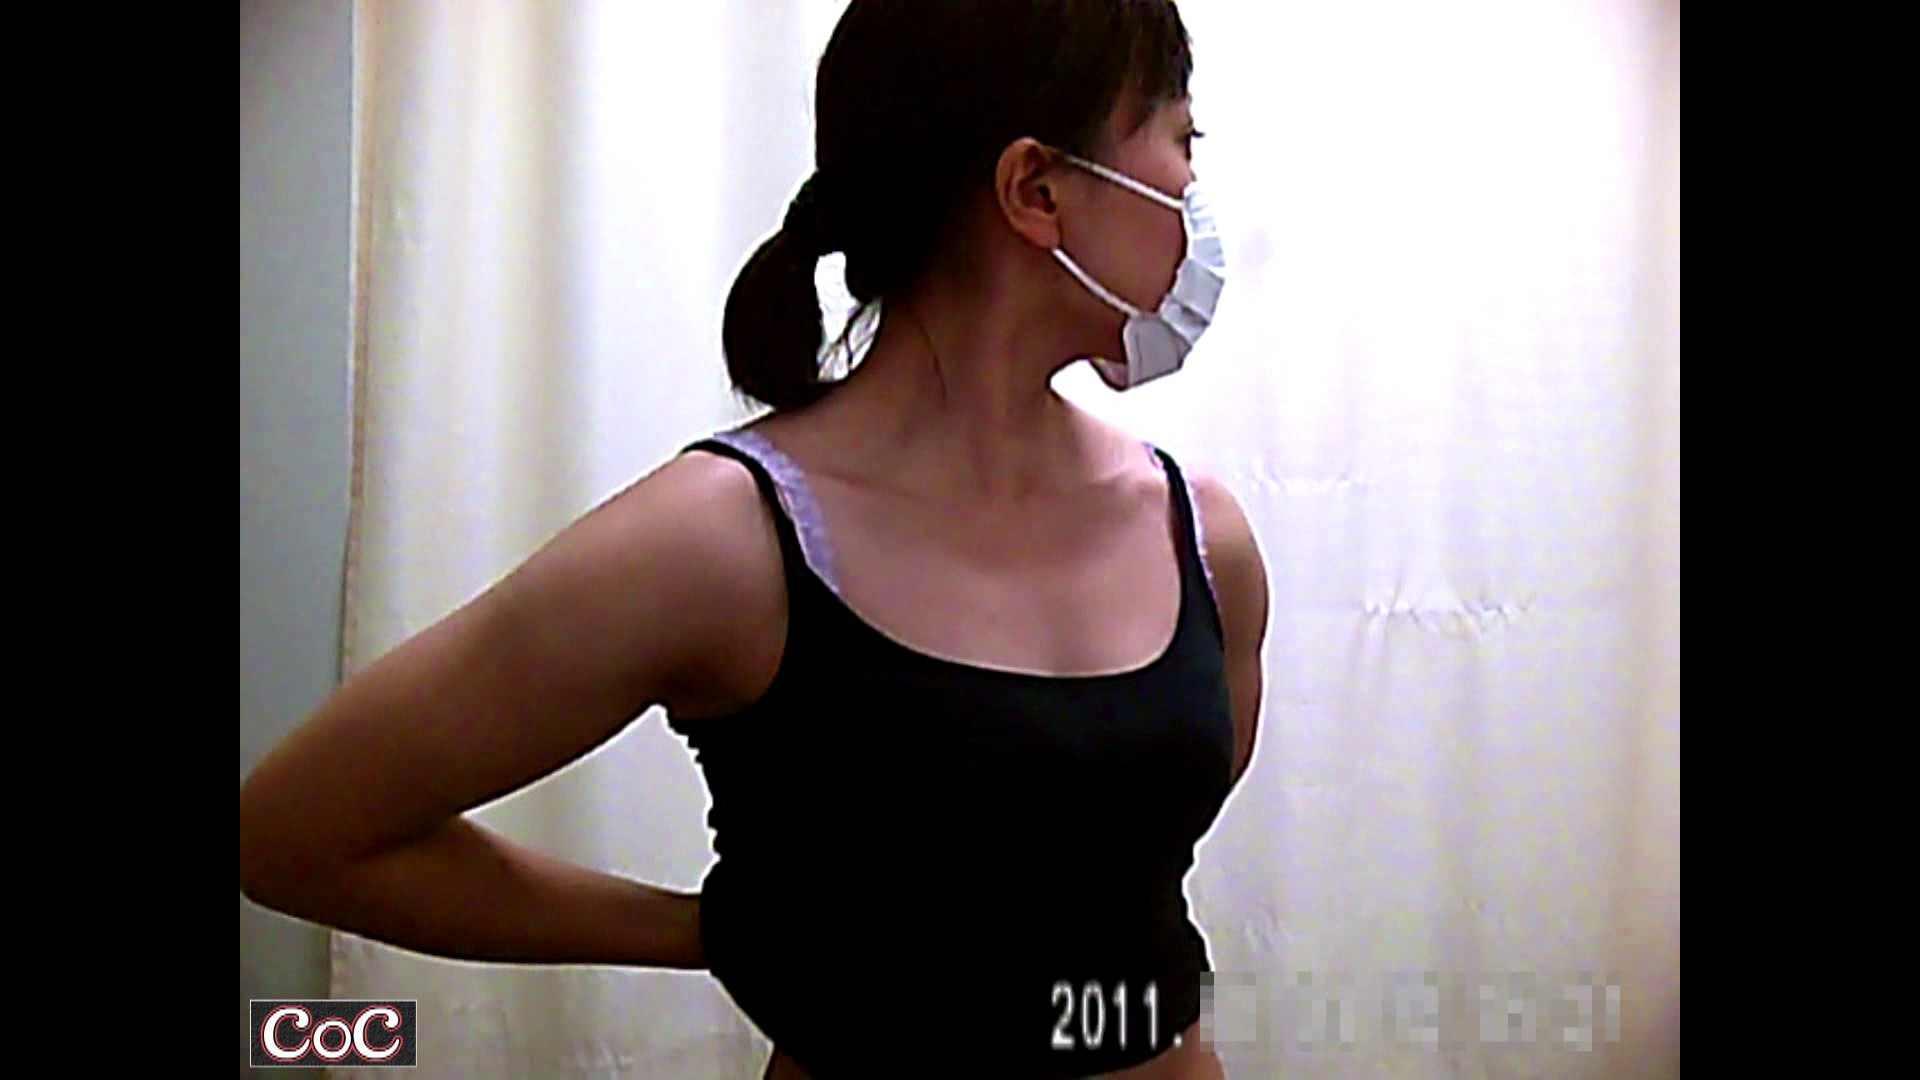 病院おもいっきり着替え! vol.10 OLセックス のぞき動画画像 109画像 9